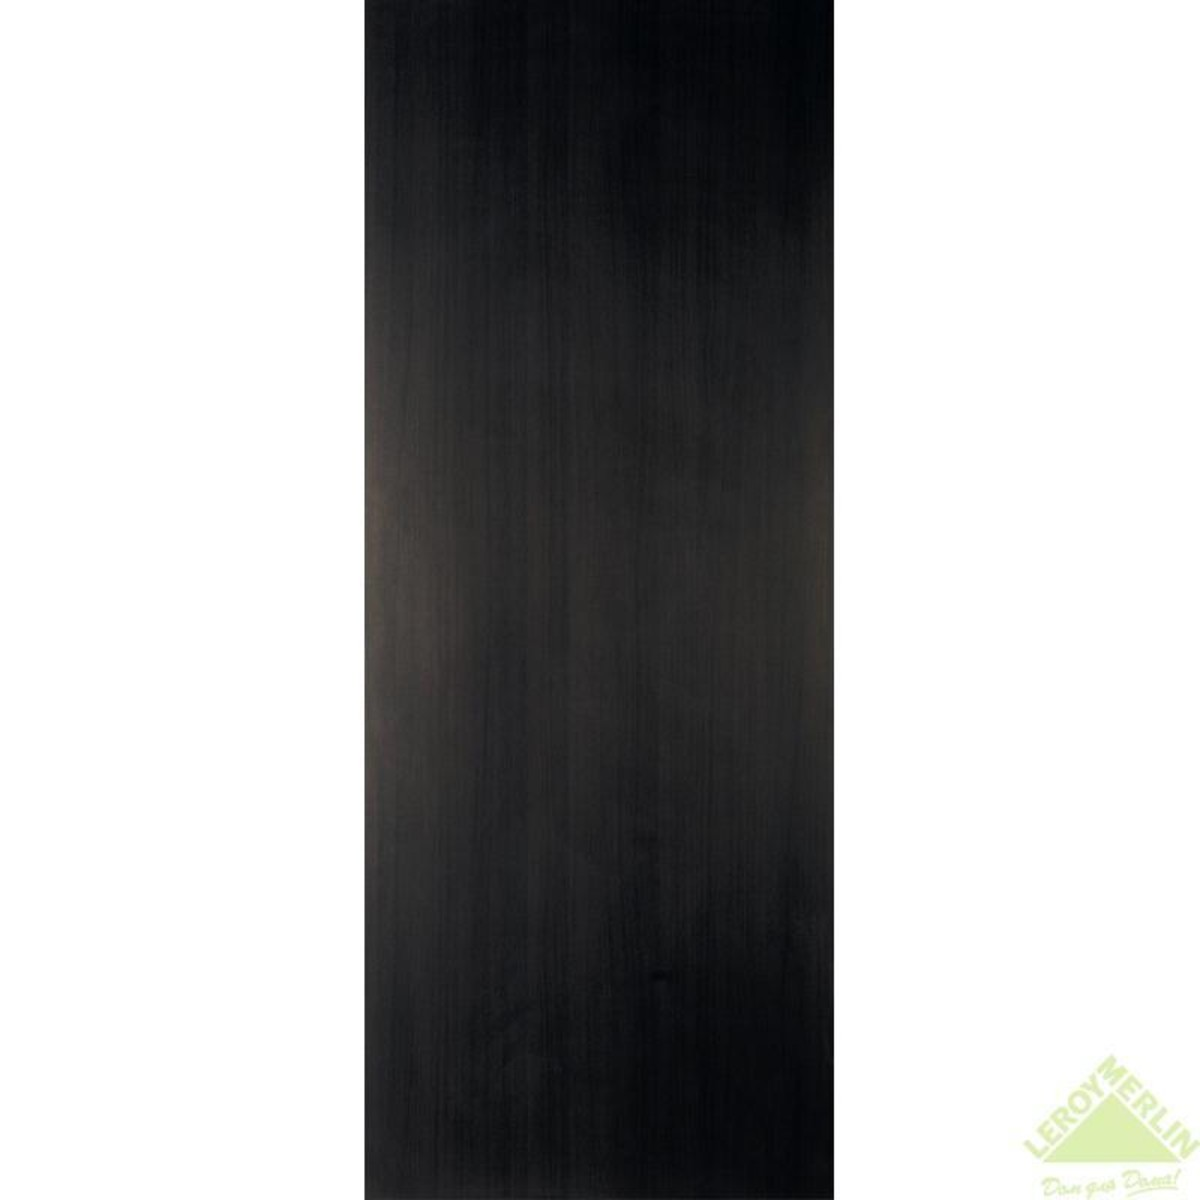 Дверь межкомнатная глухая 60x200 см ламинация цвет венге